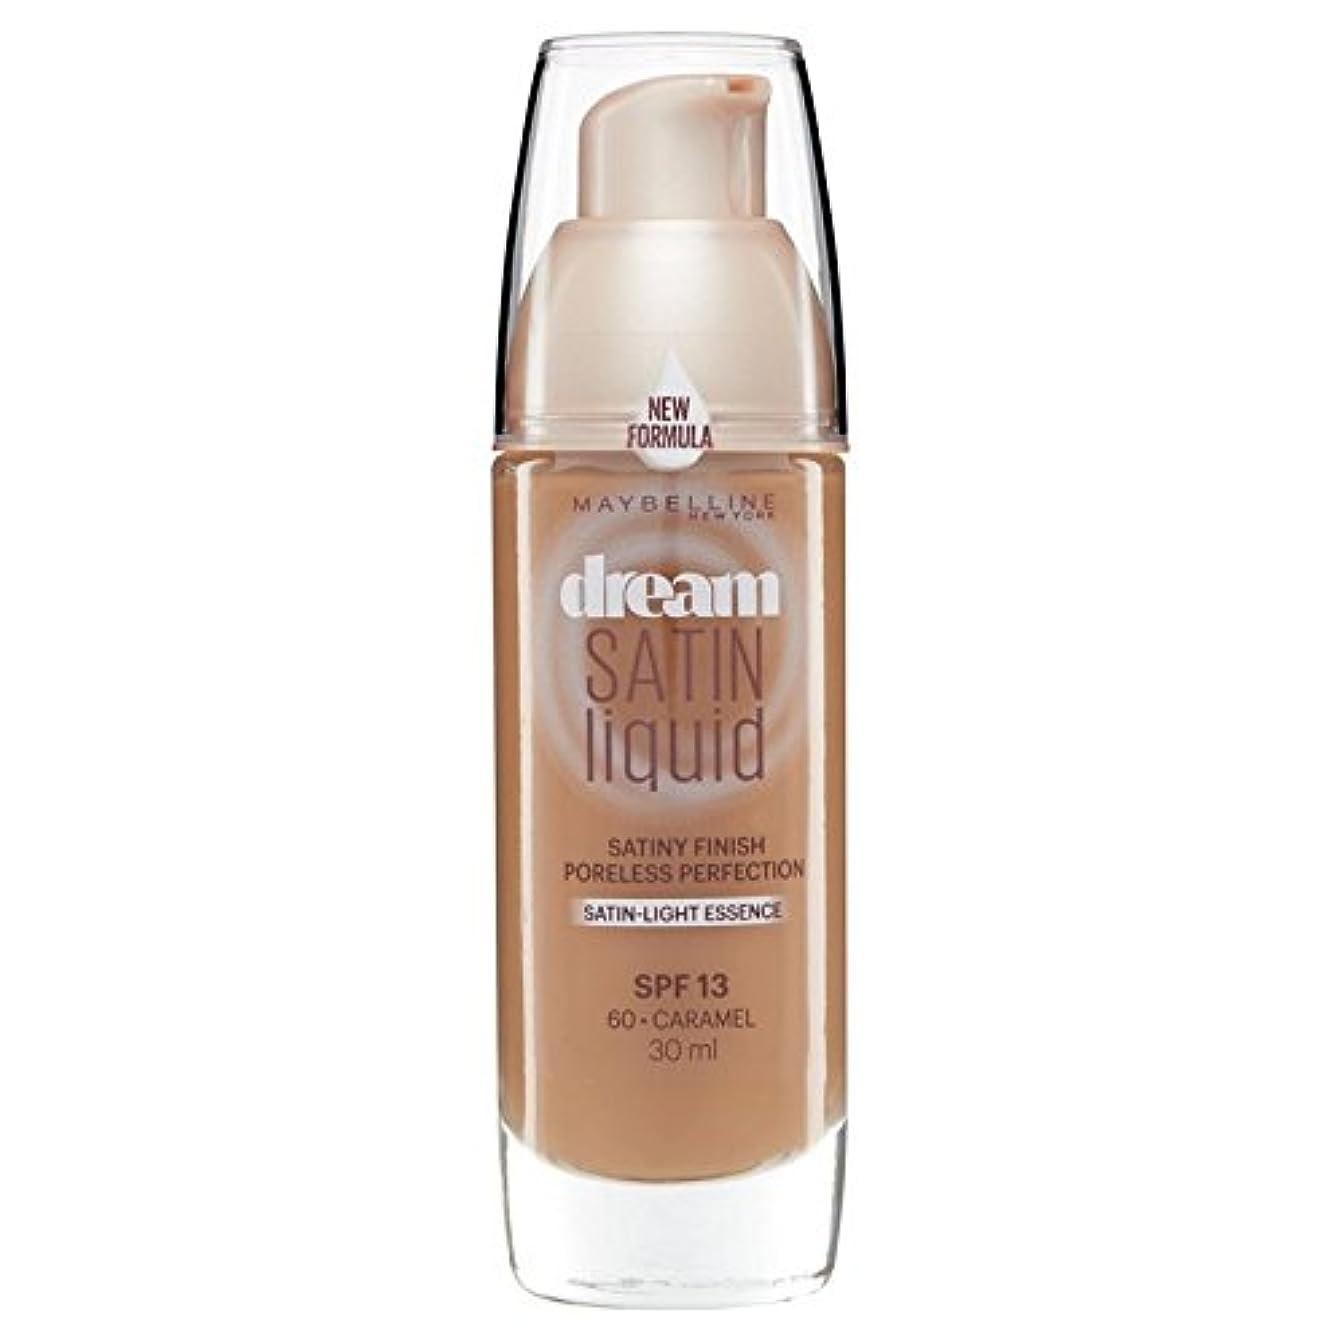 恩赦残忍な講師Maybelline Dream Satin Liquid Foundation 060 Caramel 30ml (Pack of 6) - メイベリン夢のサテンのリキッドファンデーション060キャラメル30ミリリットル x6 [並行輸入品]